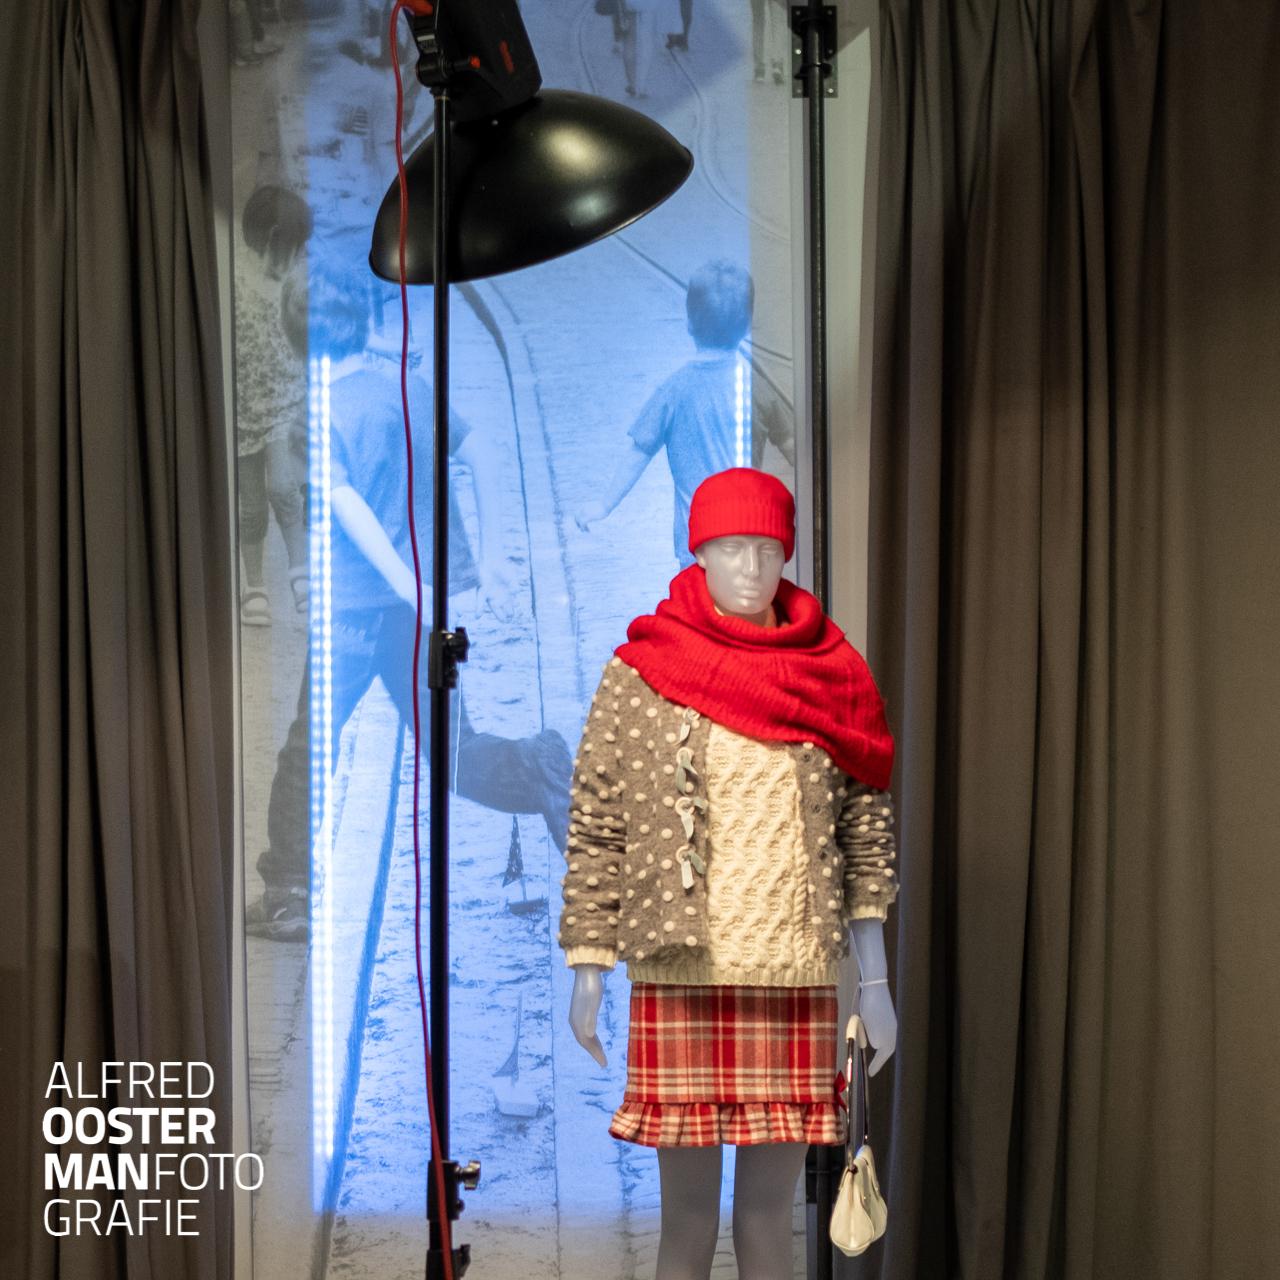 In de fotostudio van Alfred Oosterman heeft Tulips Woman uit Leek een expositie ingericht. Ter gelegenheid van het 18 jarig bestaan zijn wordt terug gekeken op 18 jaar ontwikkeling in mode.